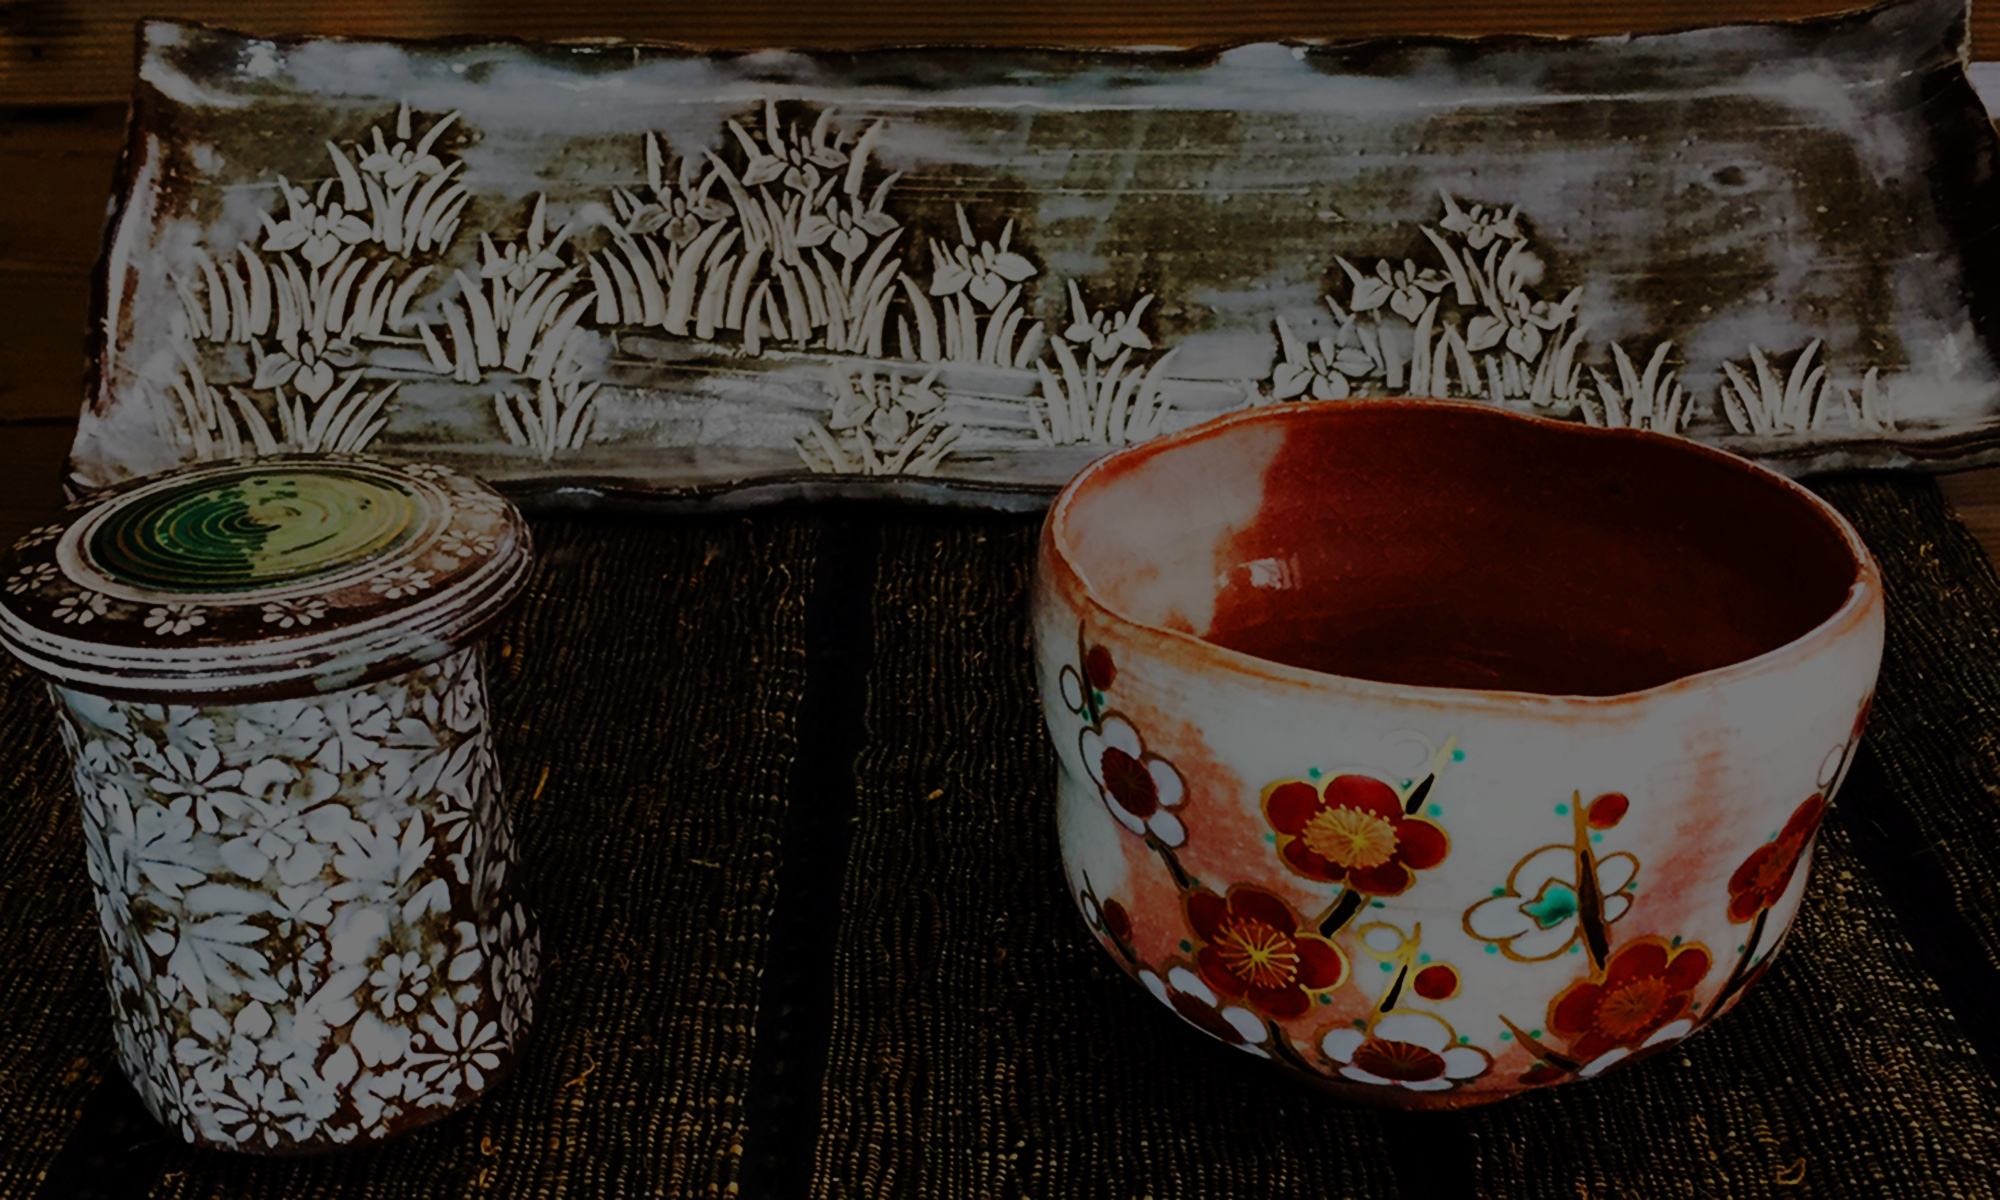 清泉窯 - 協同組合 炭山陶芸